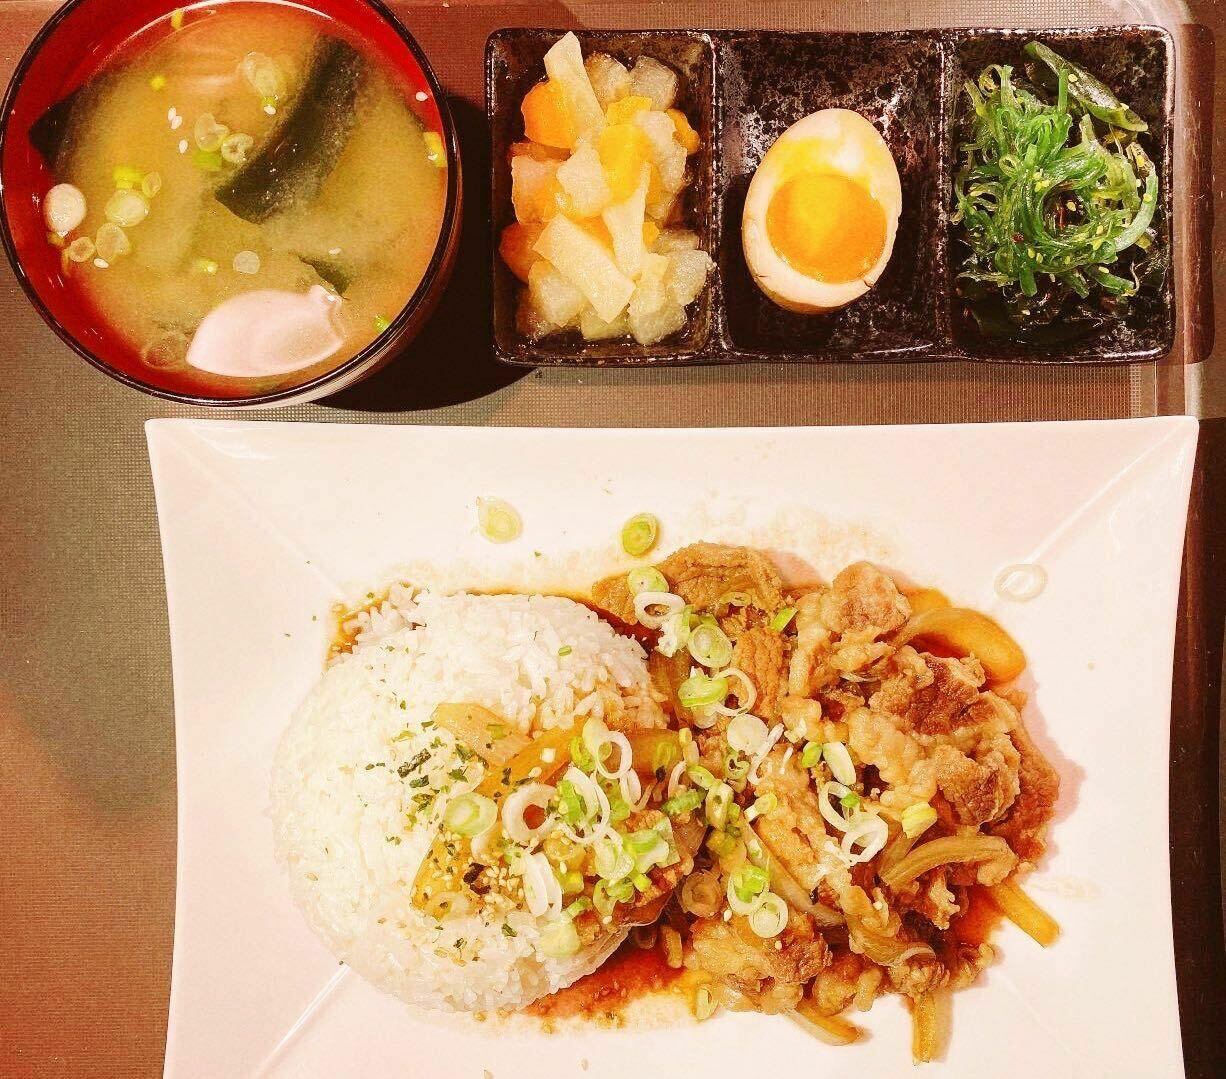 RHW【日和屋】牛肉饭套餐(周一休息)